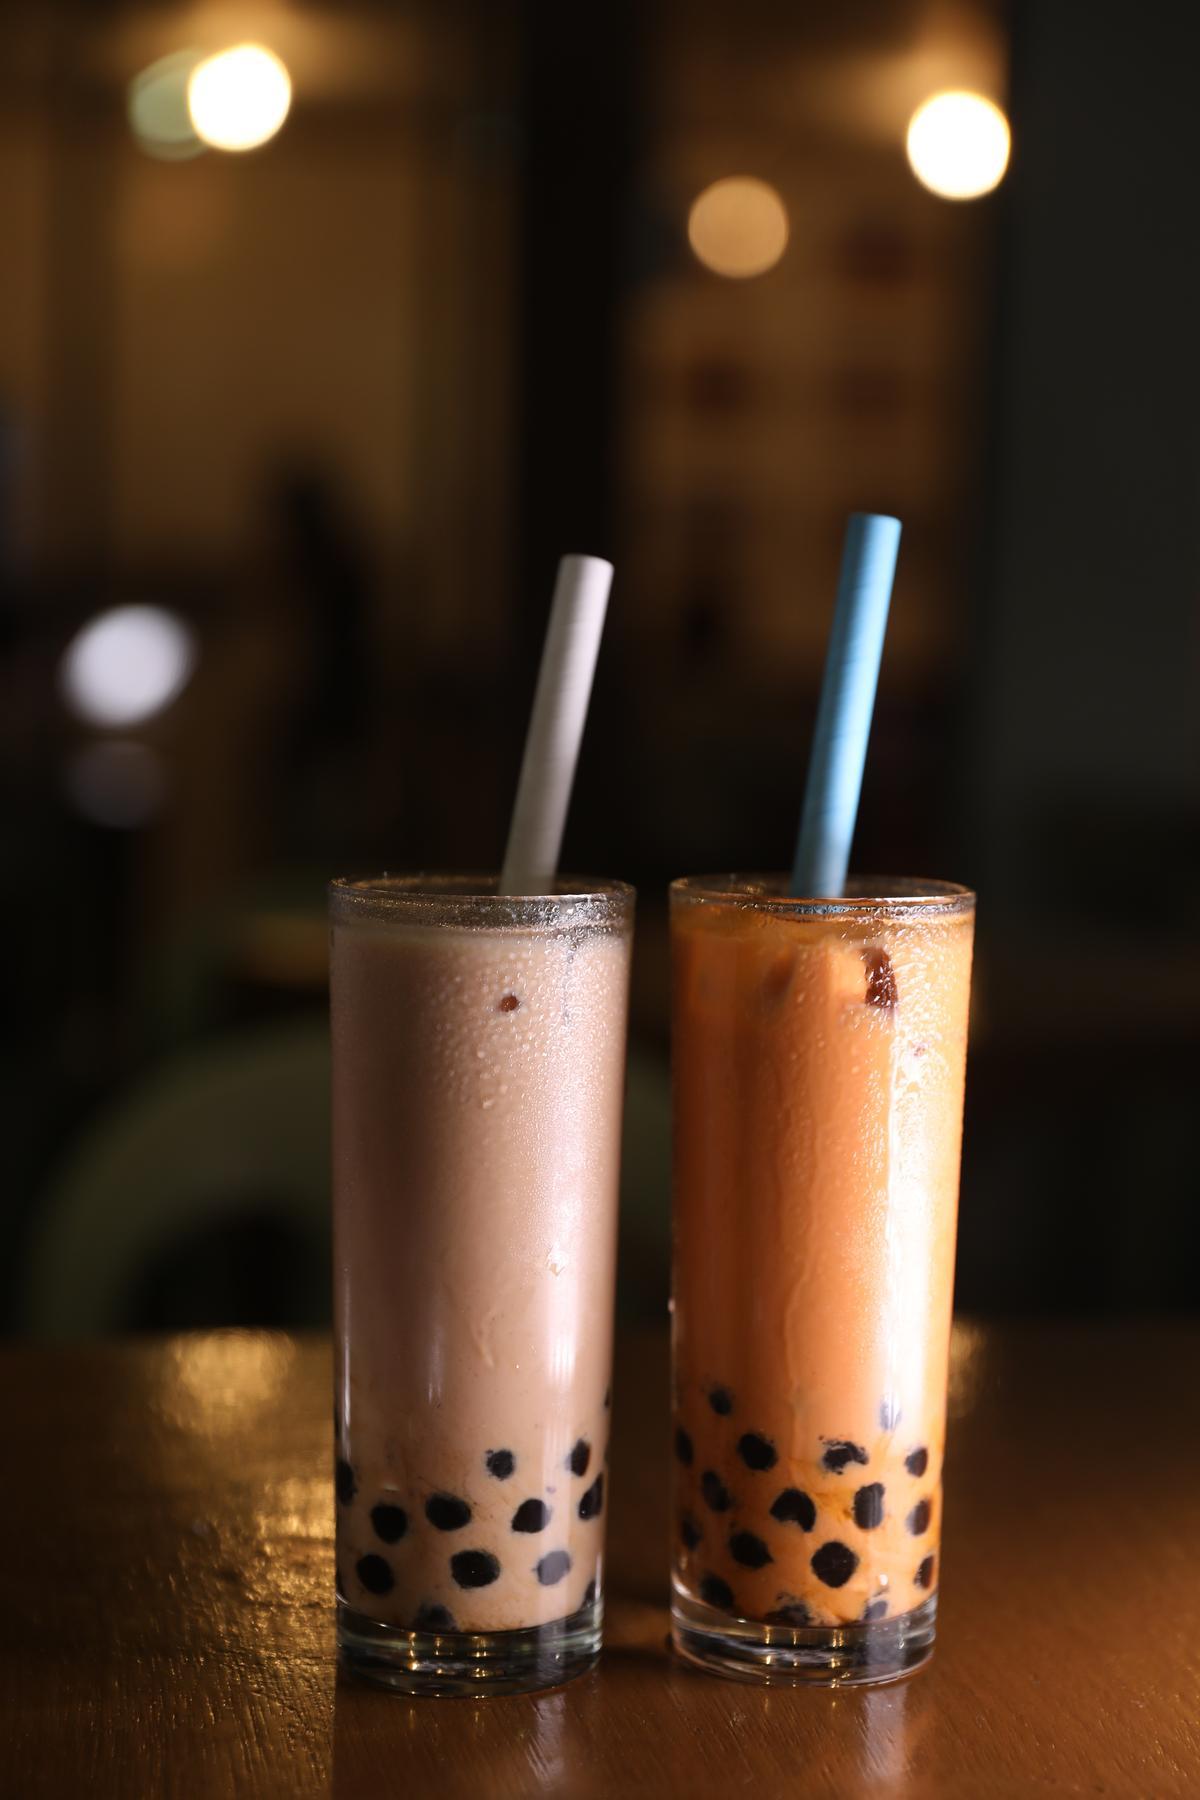 El Nido Tea House有台灣奶茶和泰式奶茶兩種招牌,都可以加上珍珠品嘗。(80披索/杯,約NT$47)